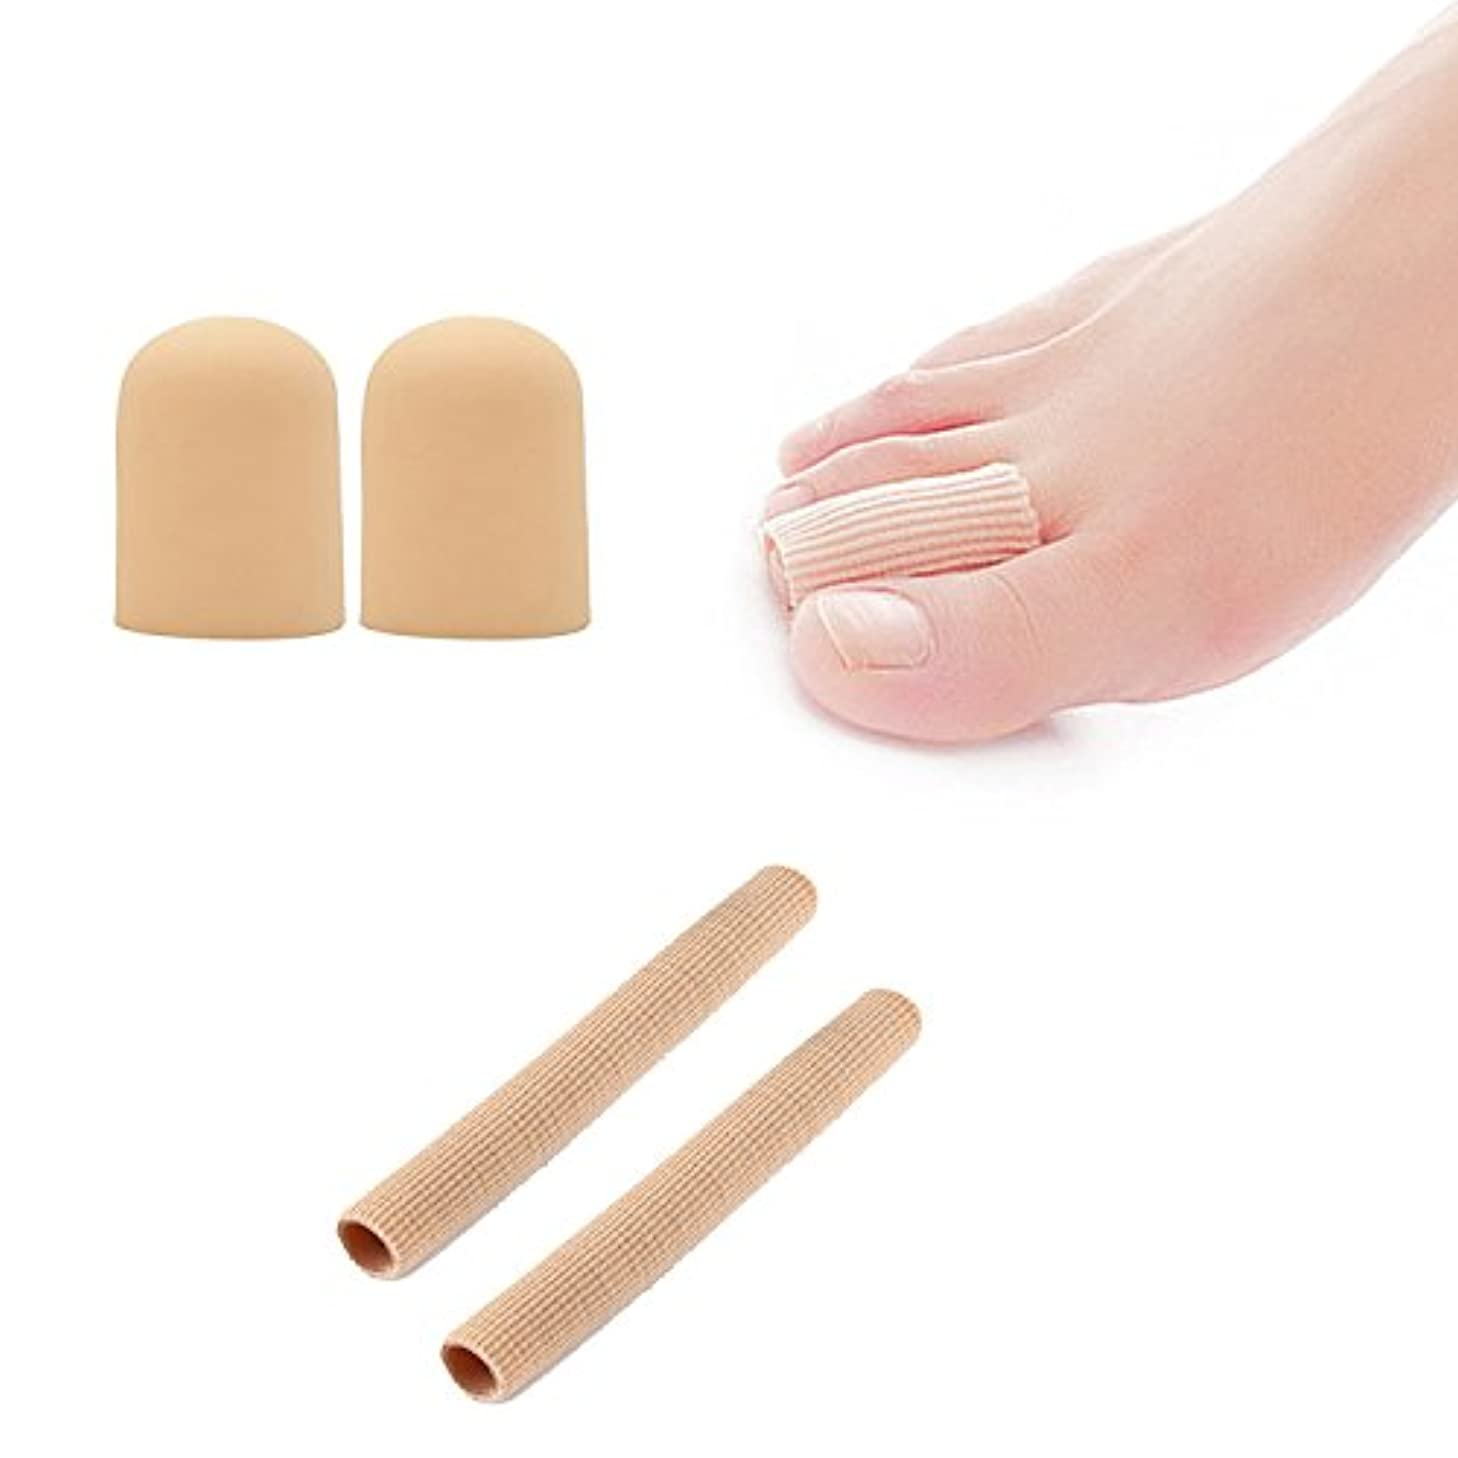 真鍮経験テーブル足指保護キャップ つま先プロテクター 足先のつめ保護キャップ シリコン 調整可能